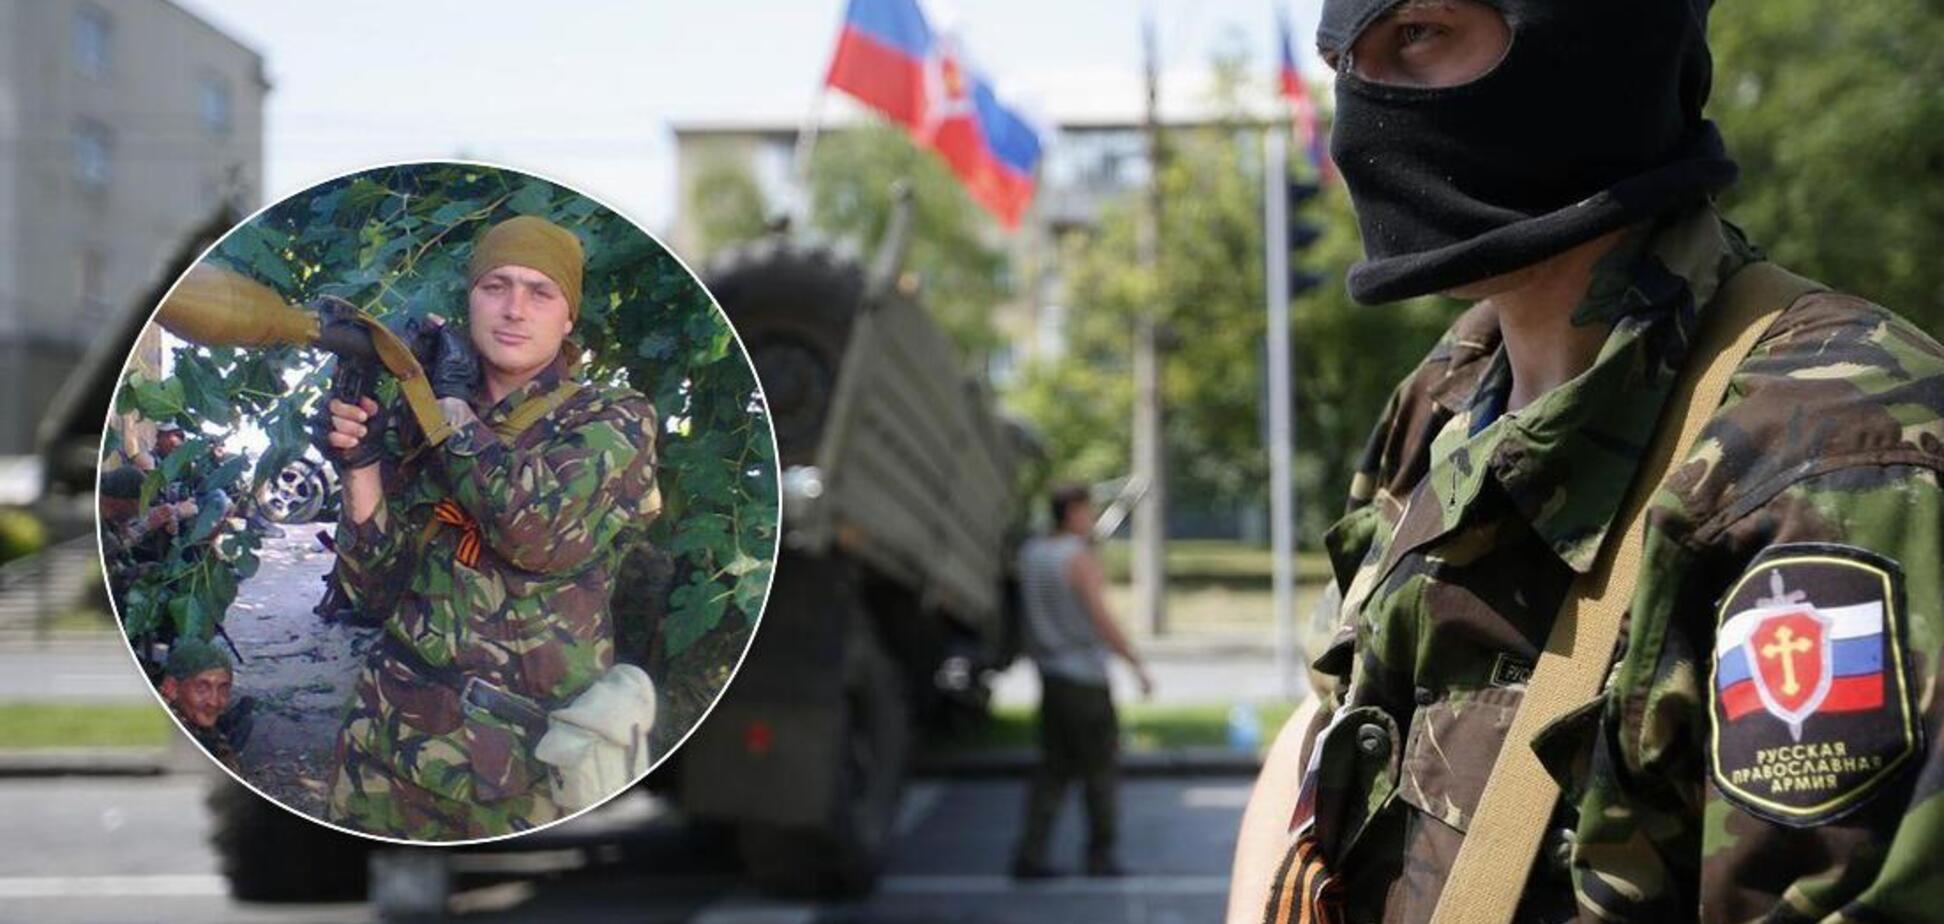 На Донбассе сообщили о смерти двух террористов 'Л/ДНР'